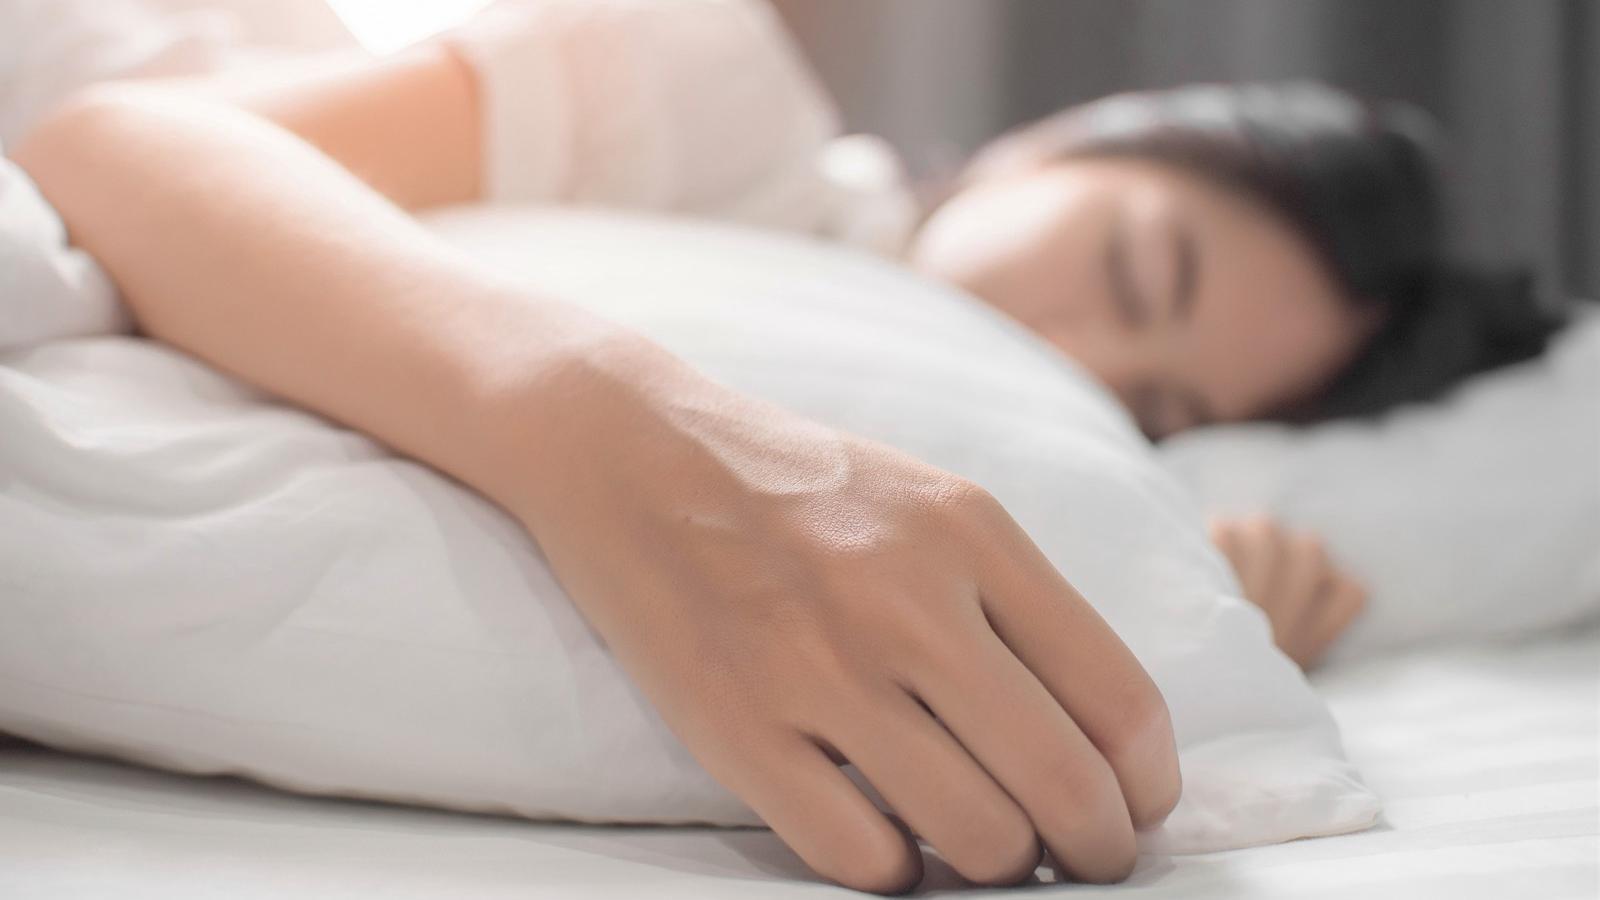 Te is alulteljesítesz? Ennyi alvás kellene ahhoz, hogy beinduljon a fogyás